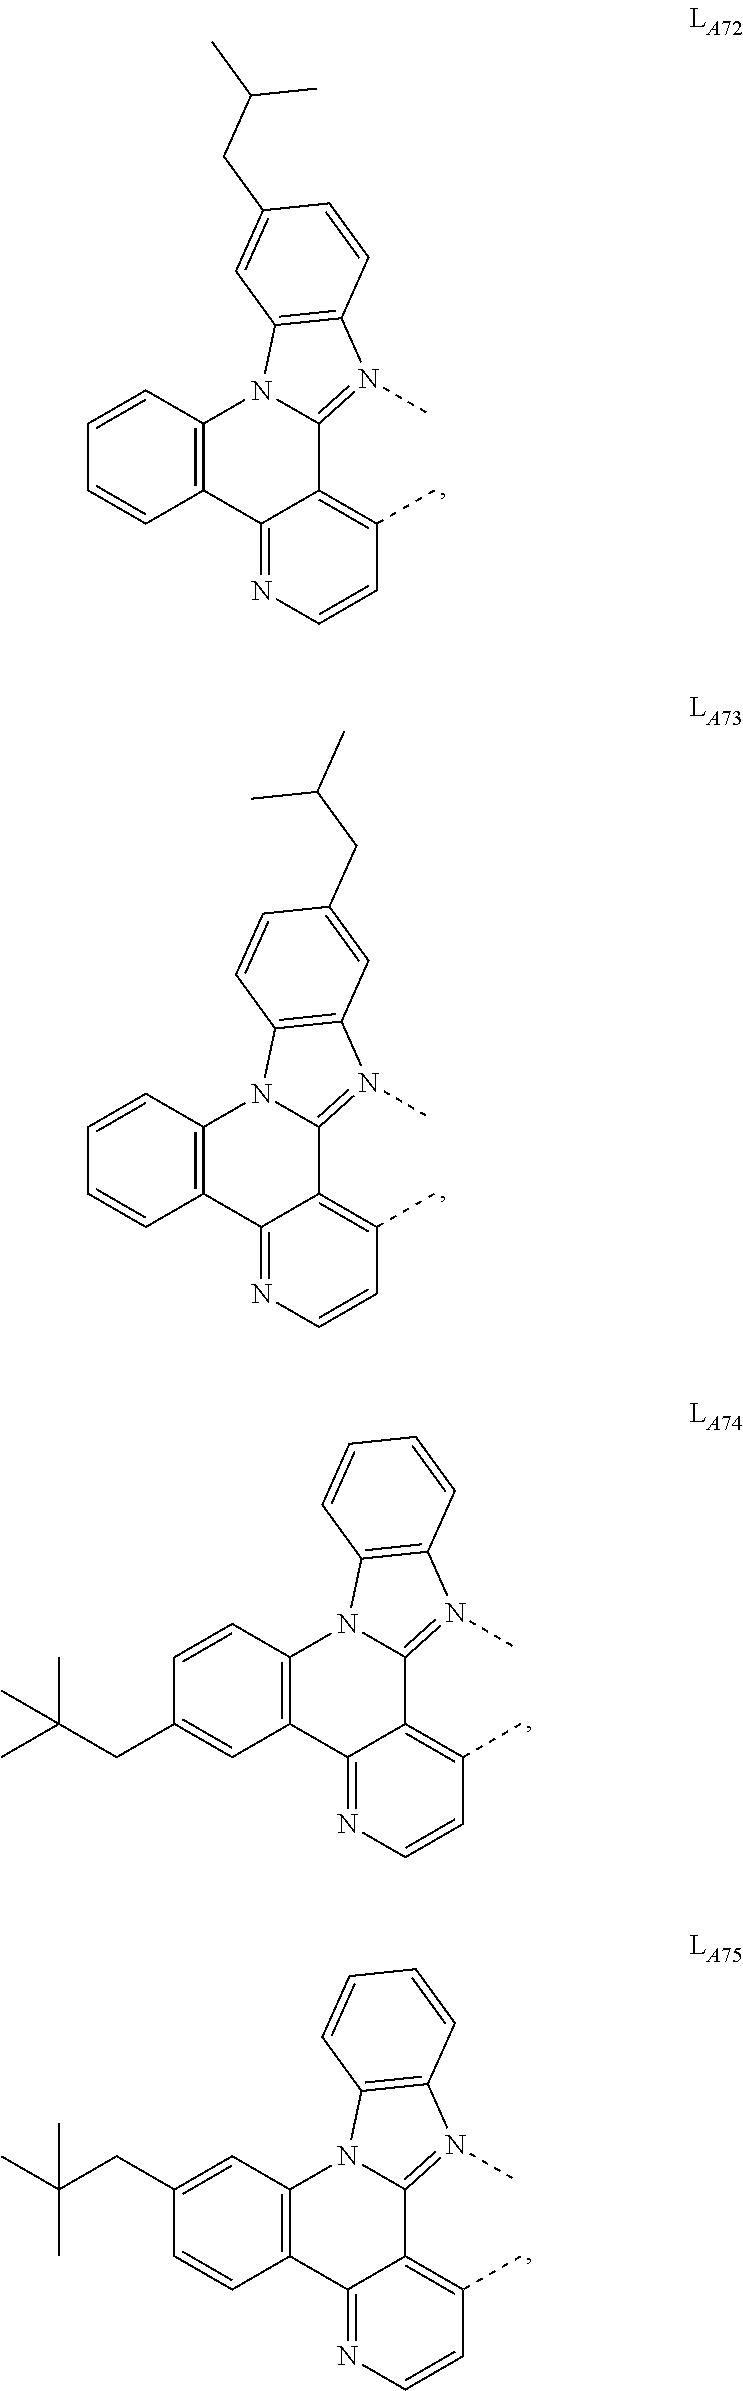 Figure US09905785-20180227-C00041